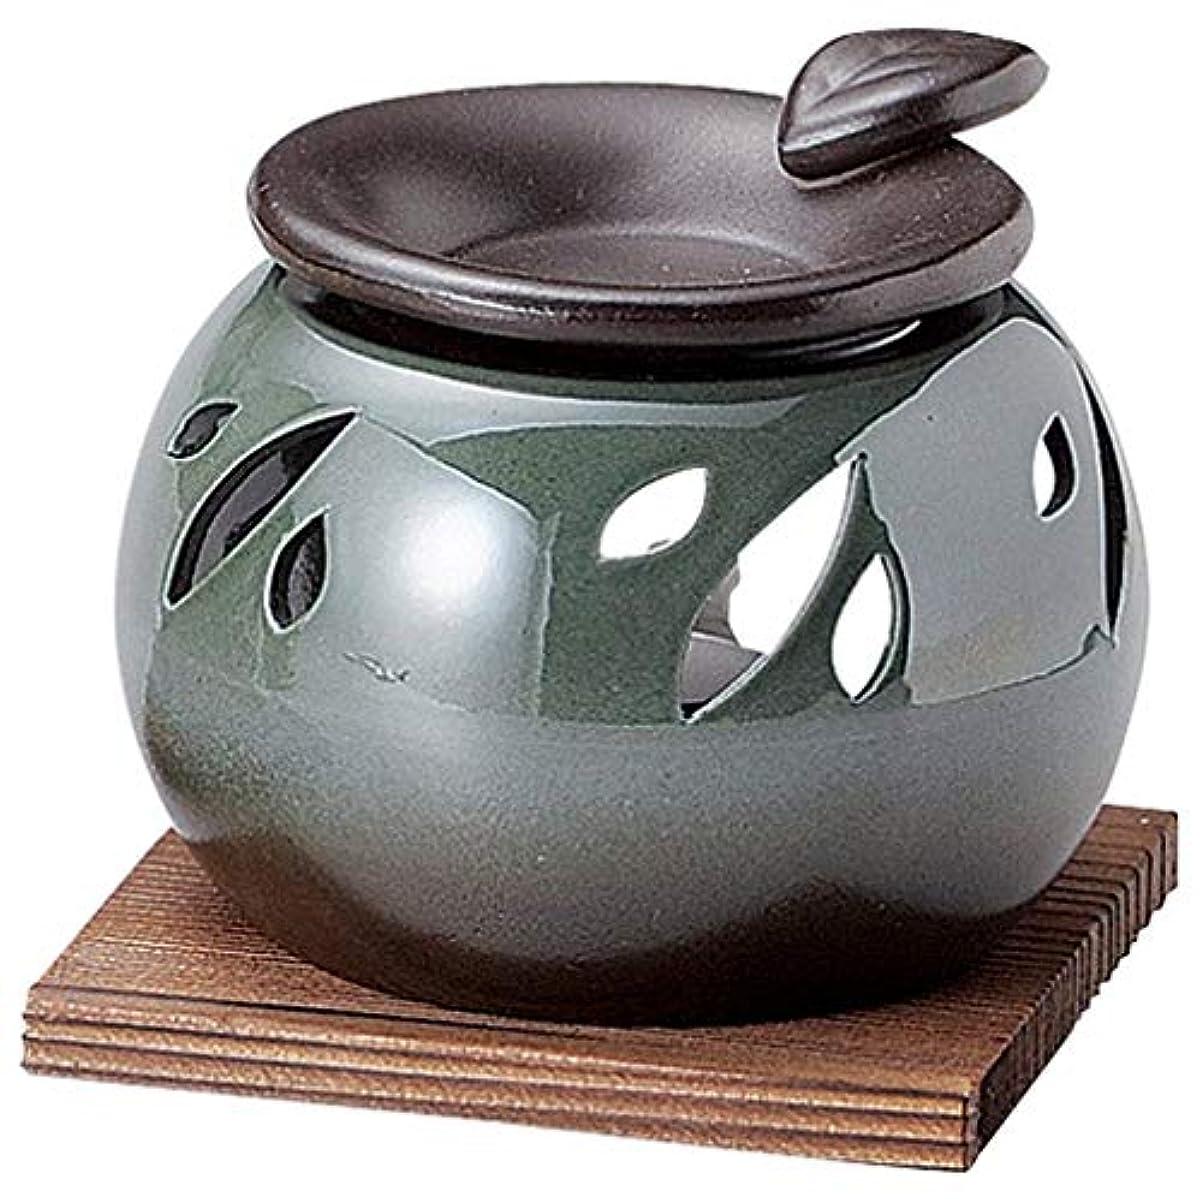 汚れた暫定口径常滑焼 G1708 茶香炉  径10.5×高さ12cm